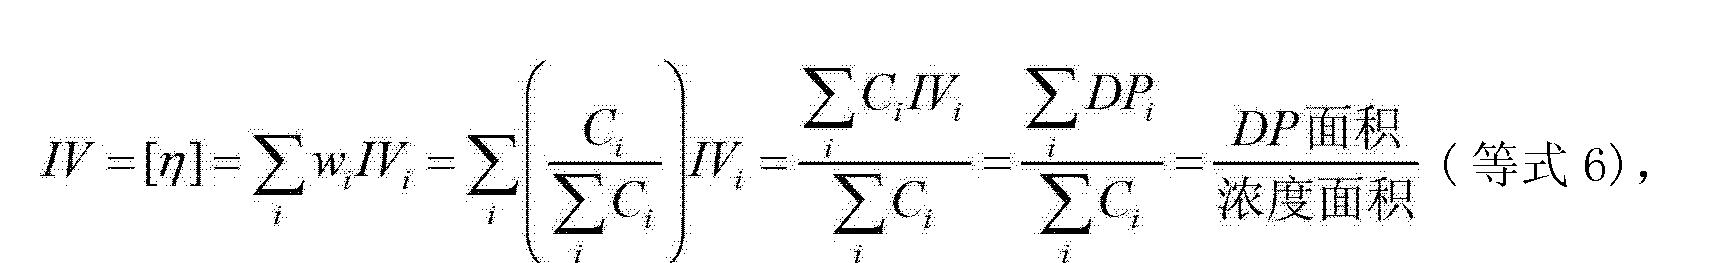 Figure CN102695734BD00213